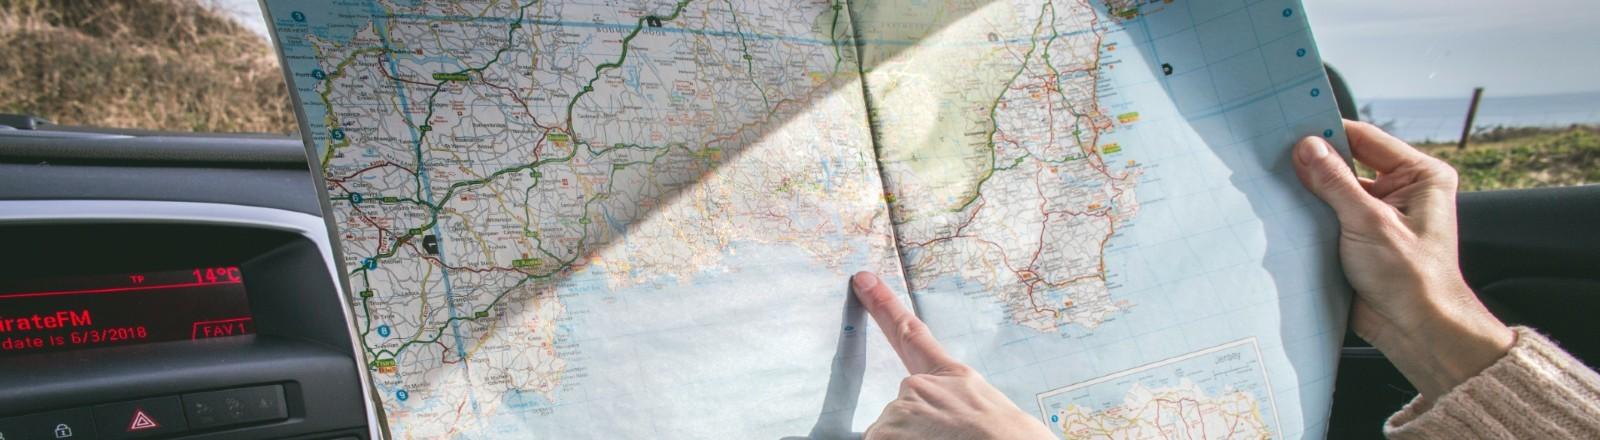 Eine Frau sitzt im Auto und zeigt mit dem Finger auf einer Landkarte, wo sie als nächstes hinreisen will.